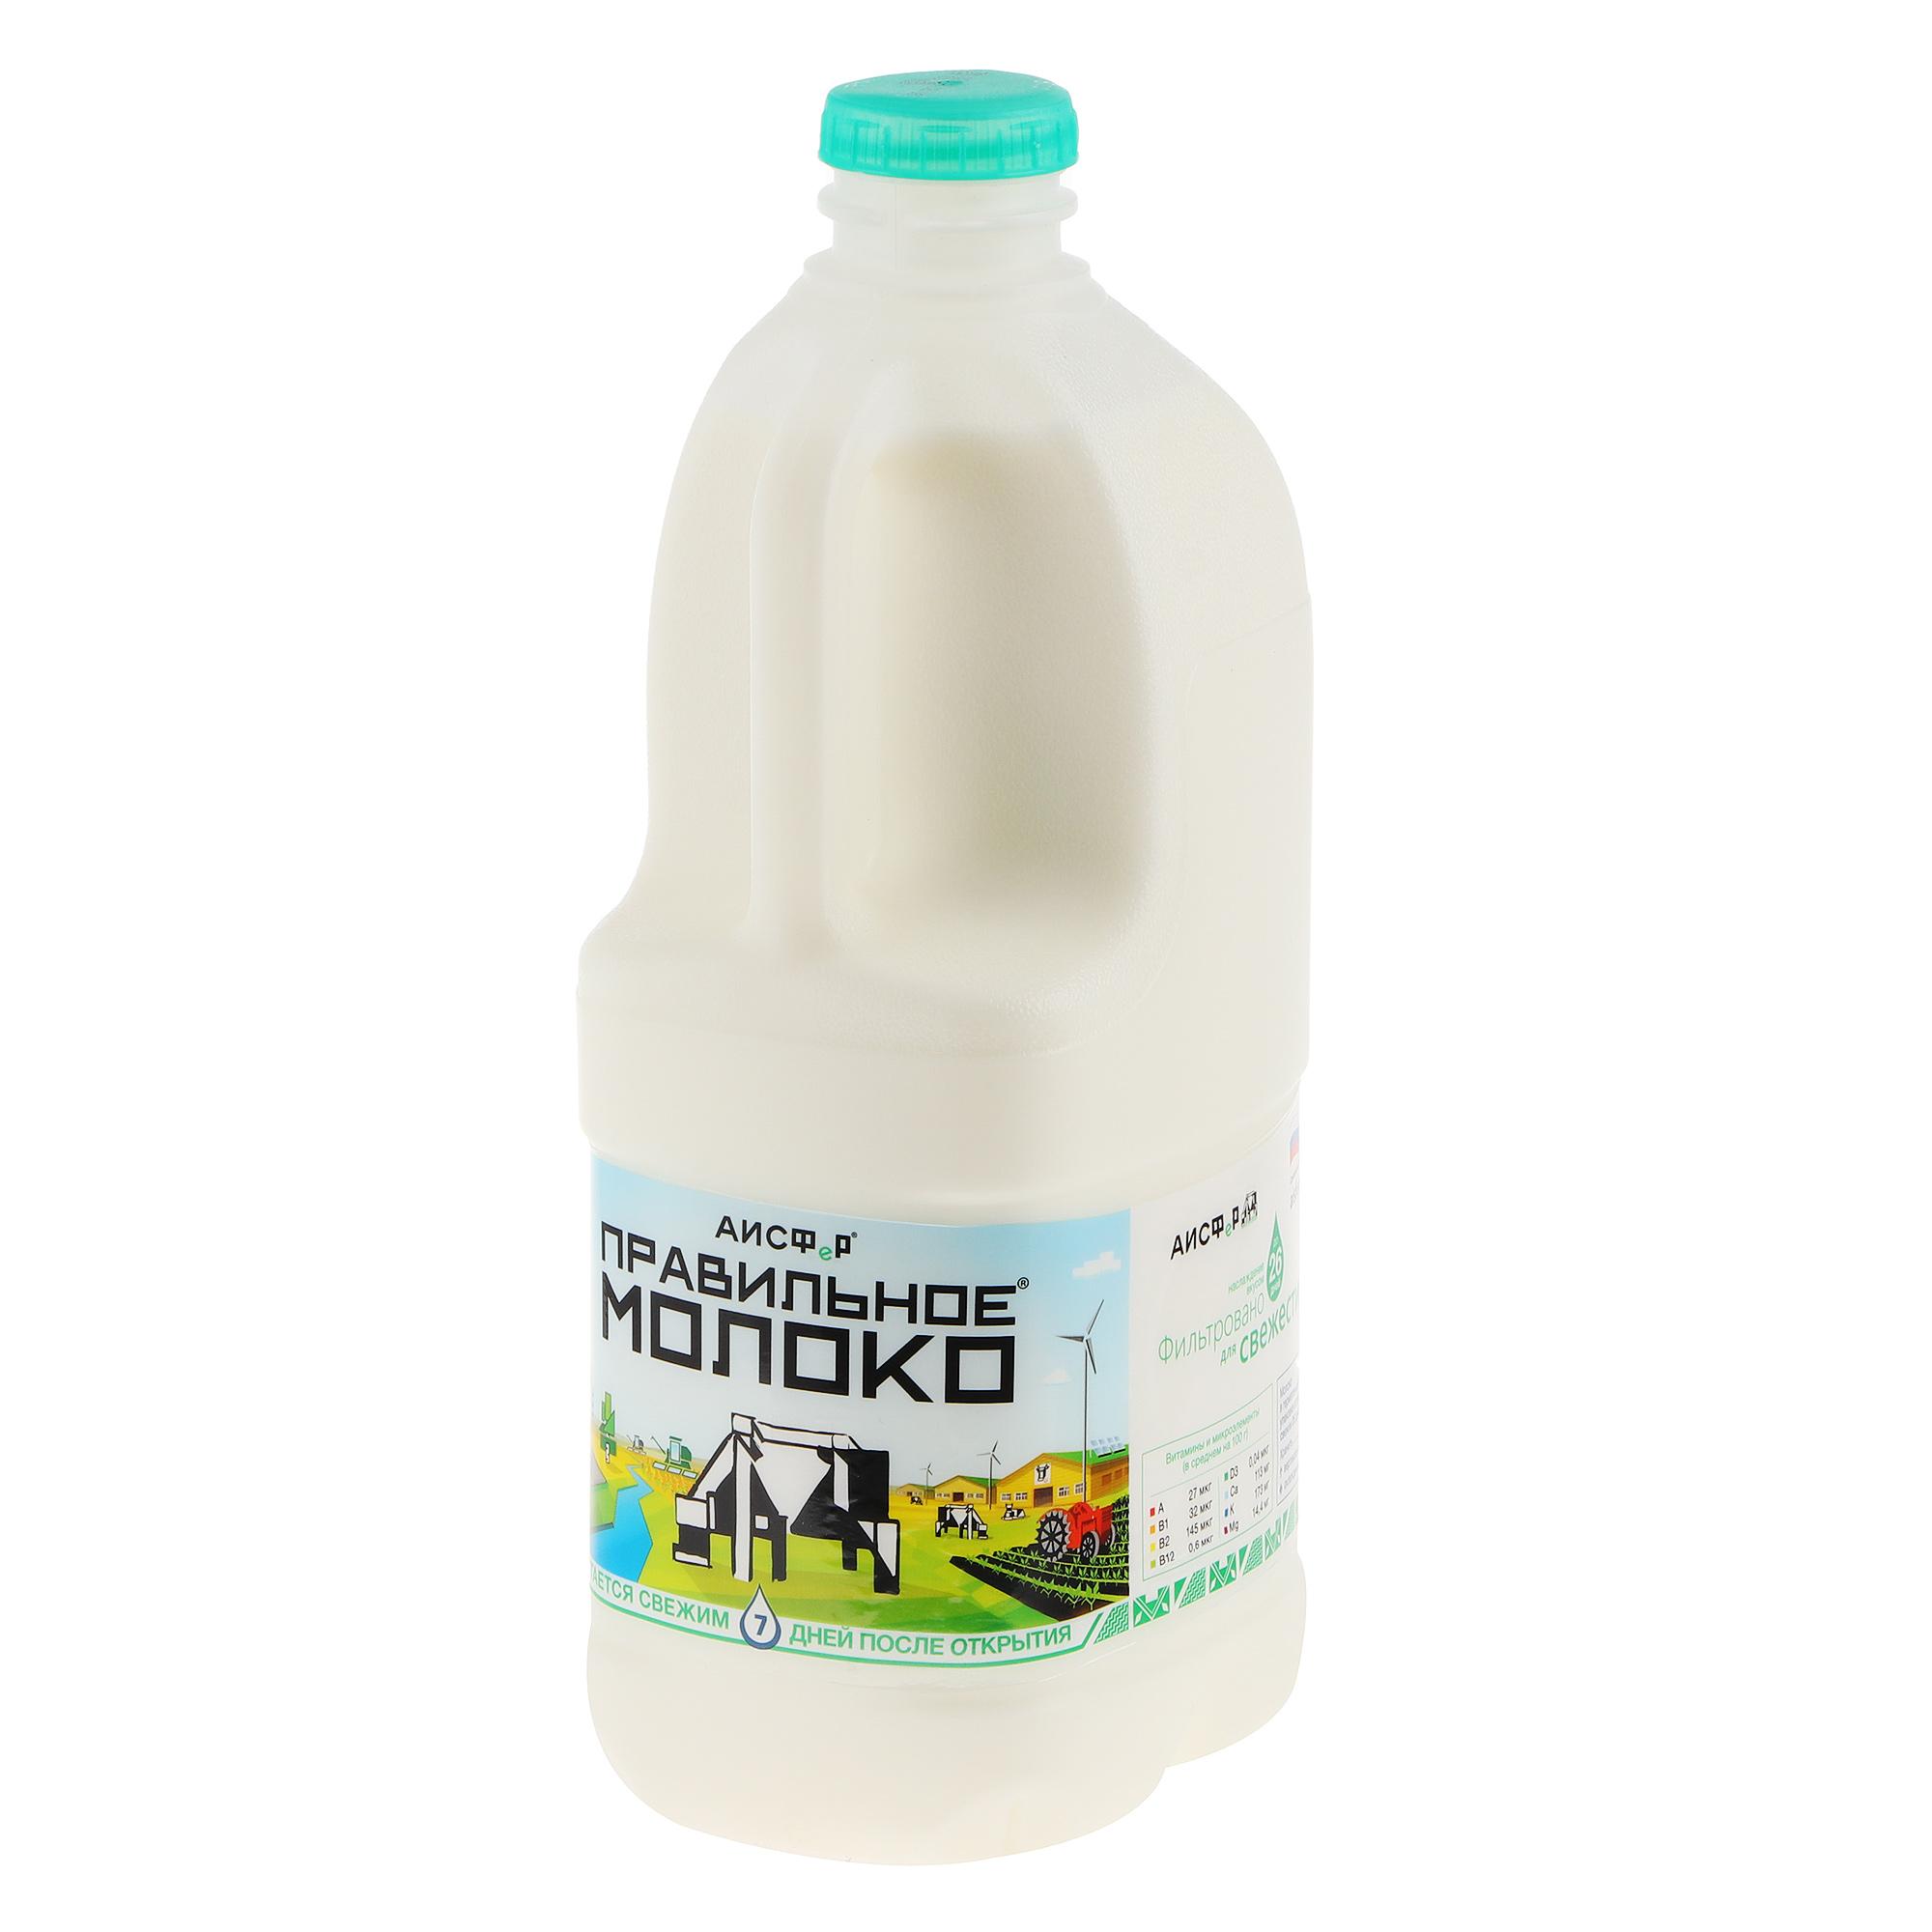 Молоко пастеризованное Правильное молоко 2,5% 2 л фото